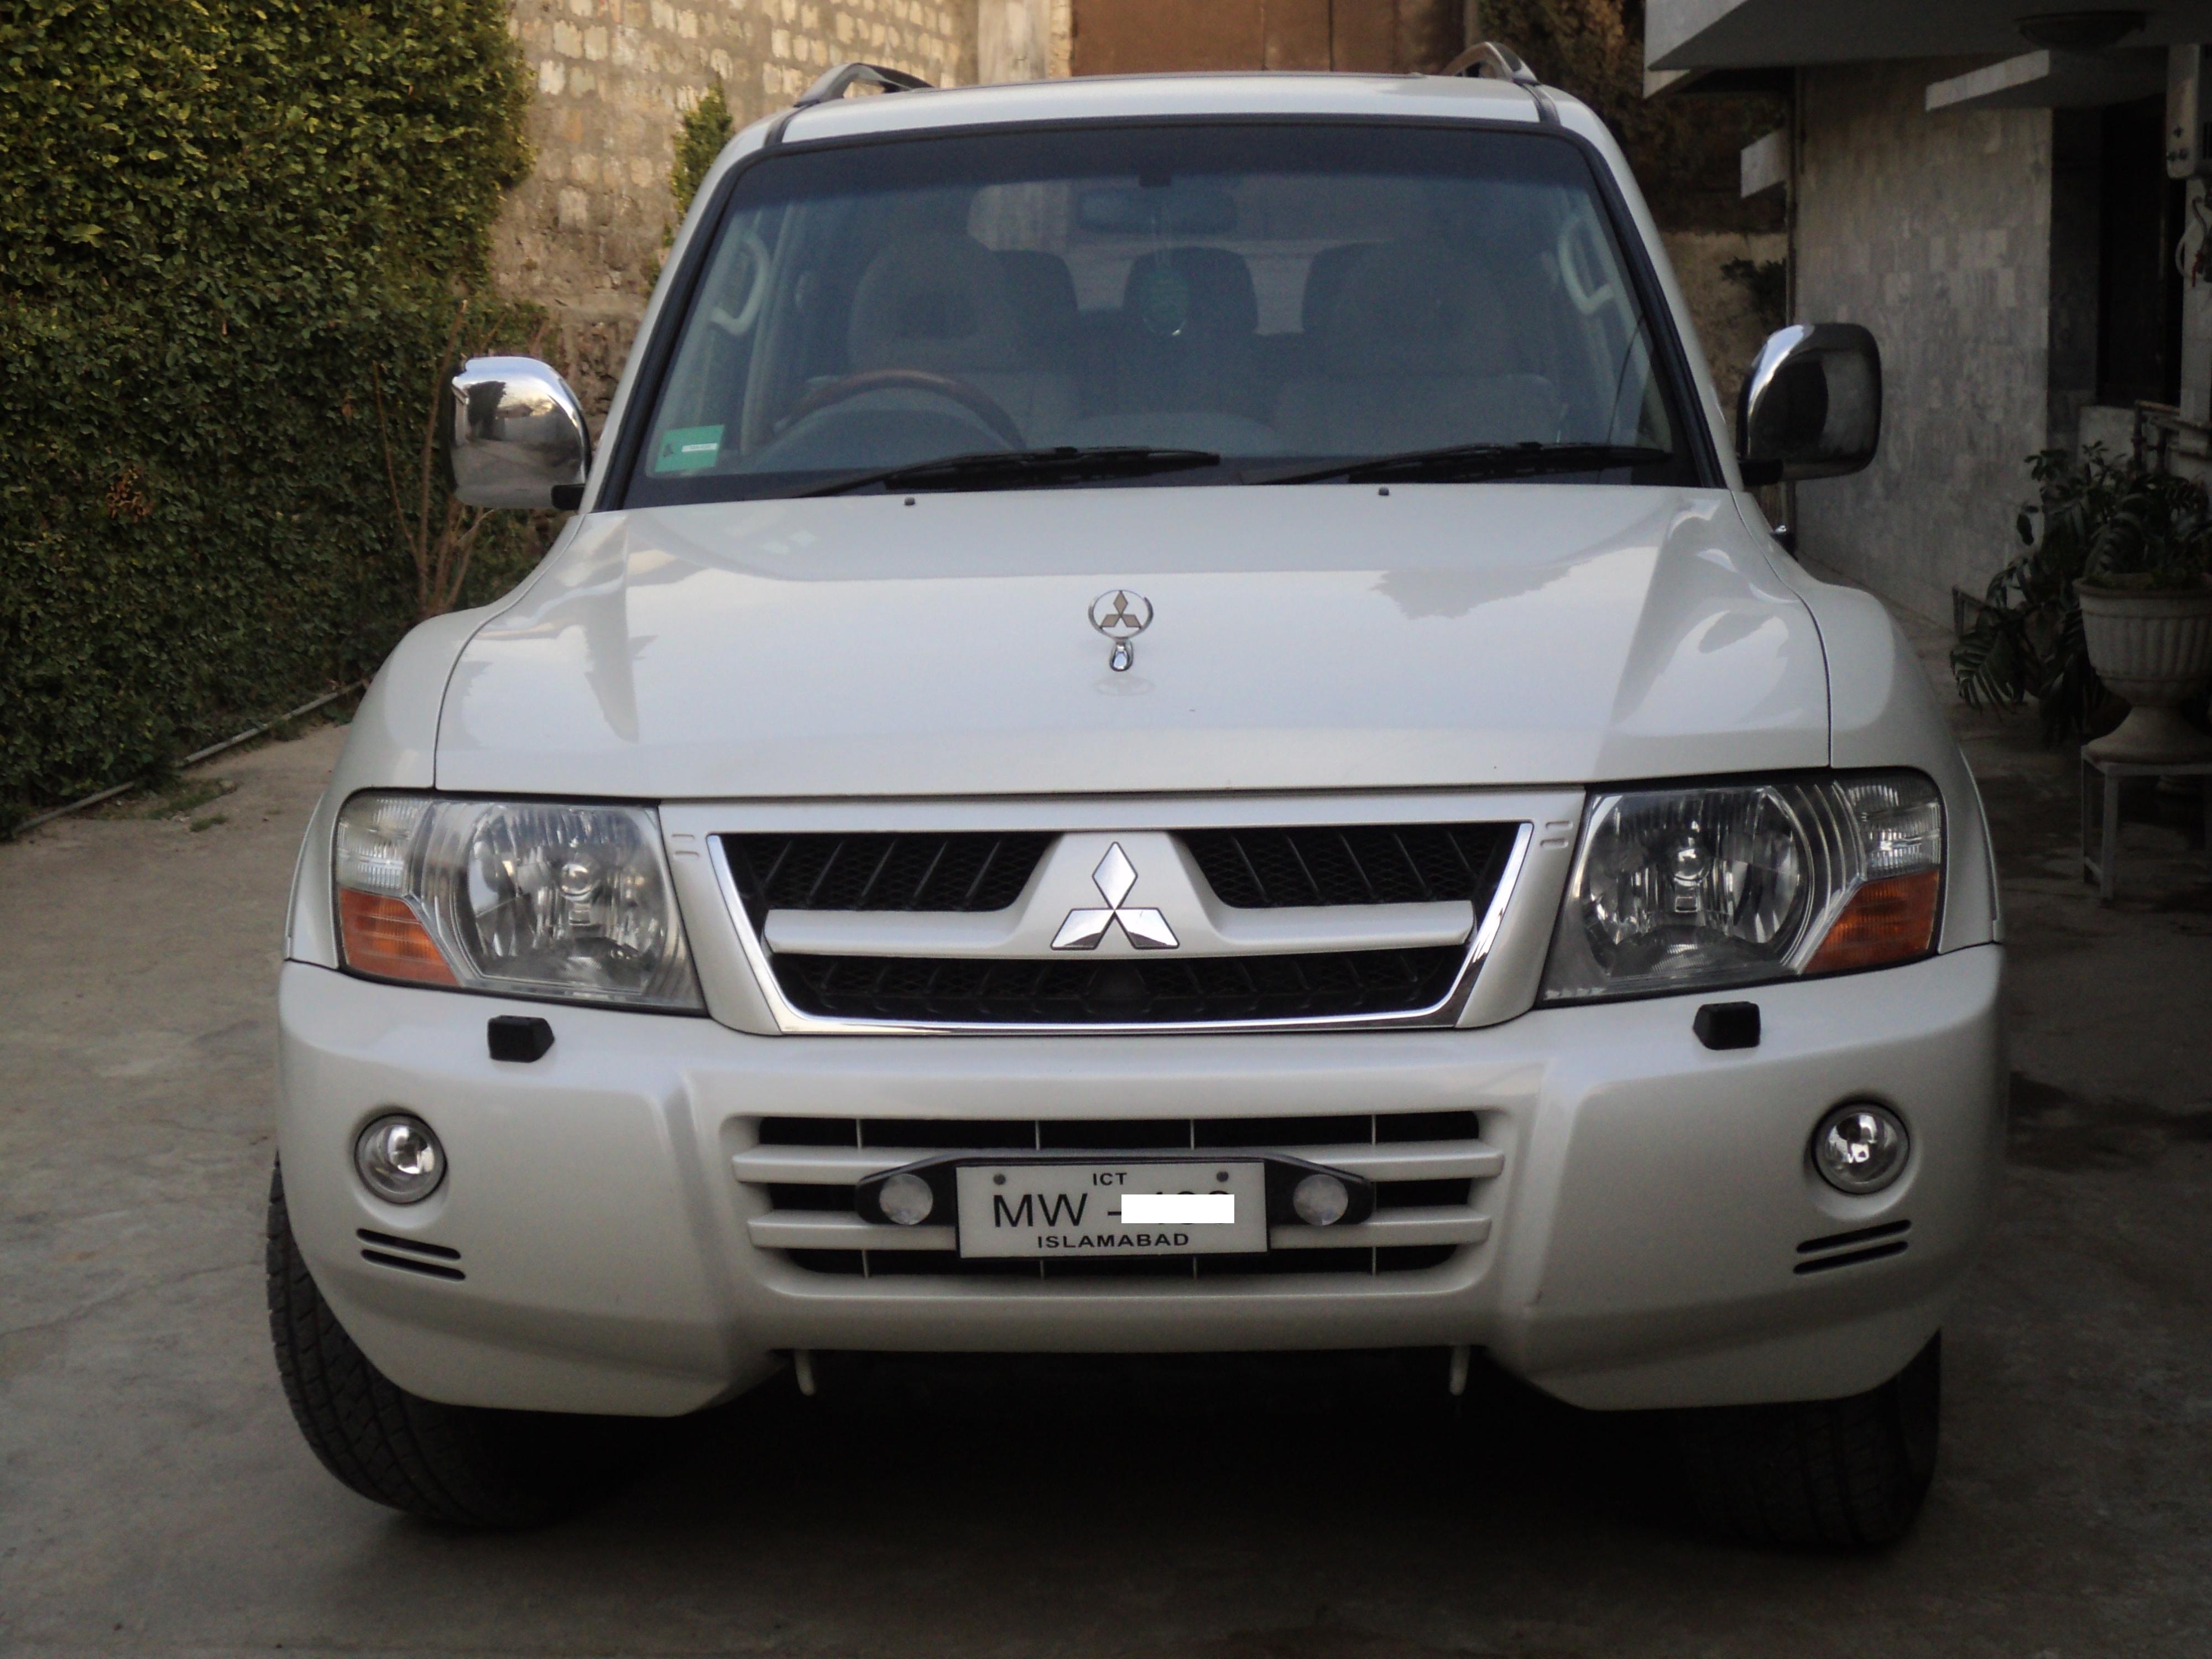 Mitsubishi Pajero 2005 Photo - 1